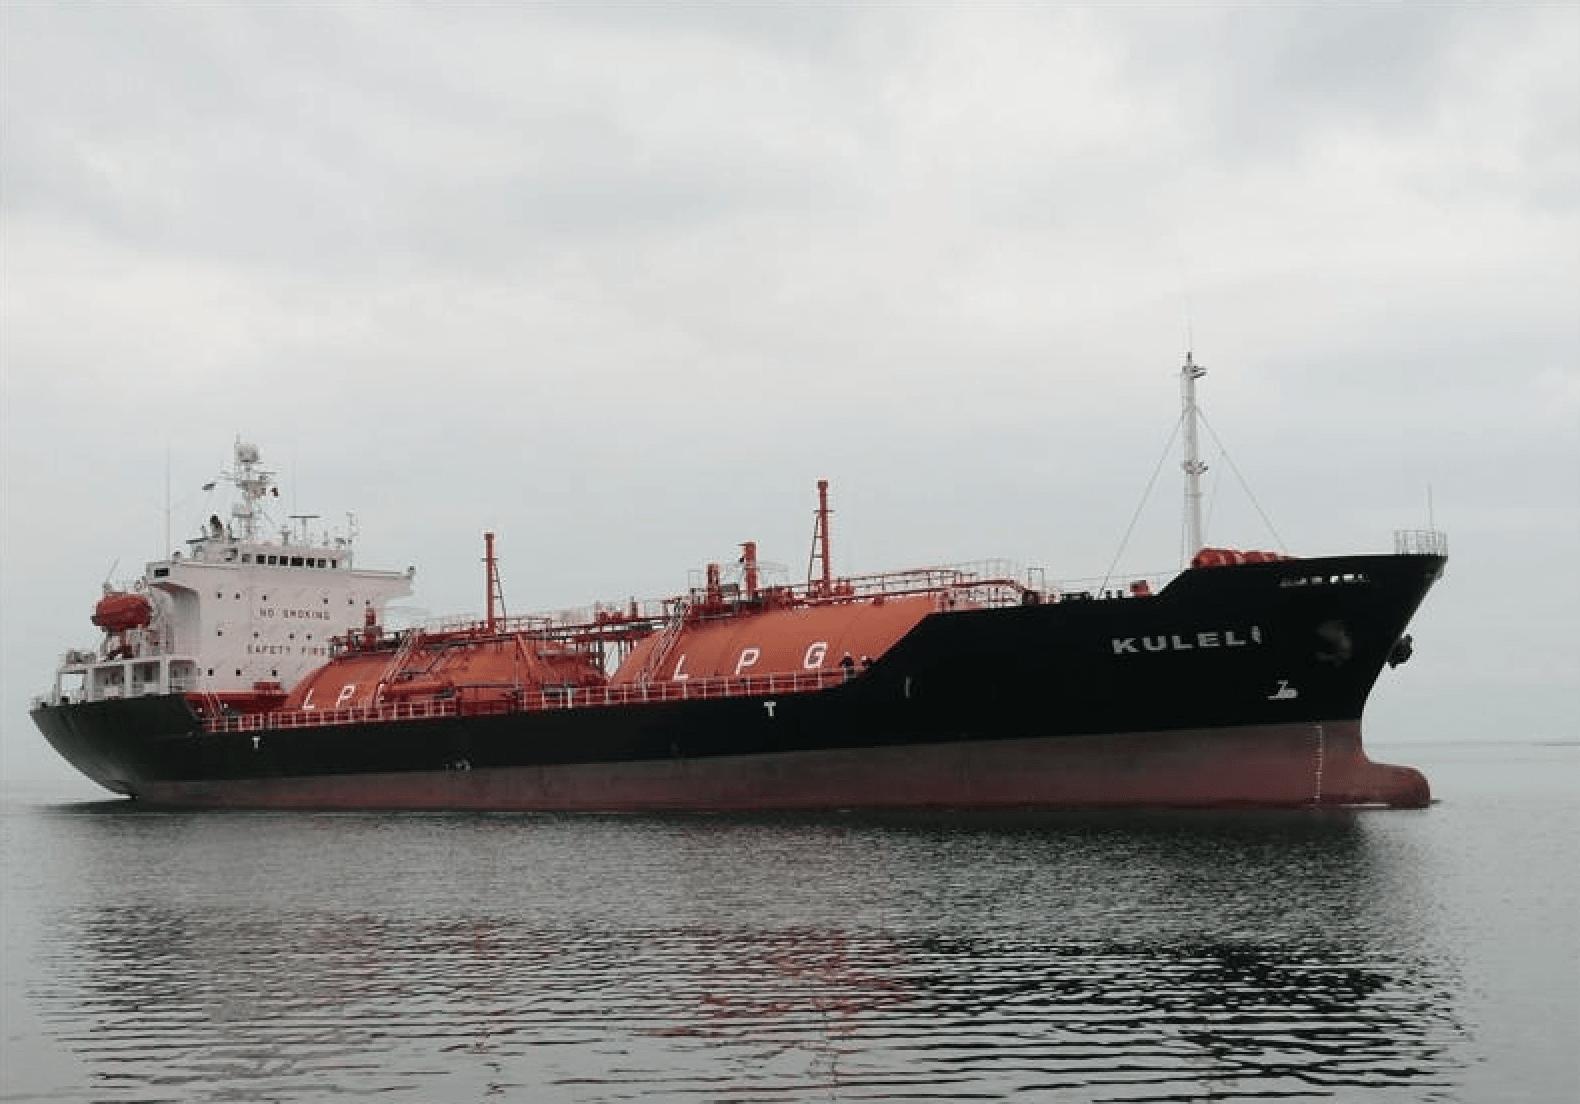 sektorel, haberler - Ekran Resmi 2017 11 29 10.38.17 - Aygaz Emektar Gemisini Sattı